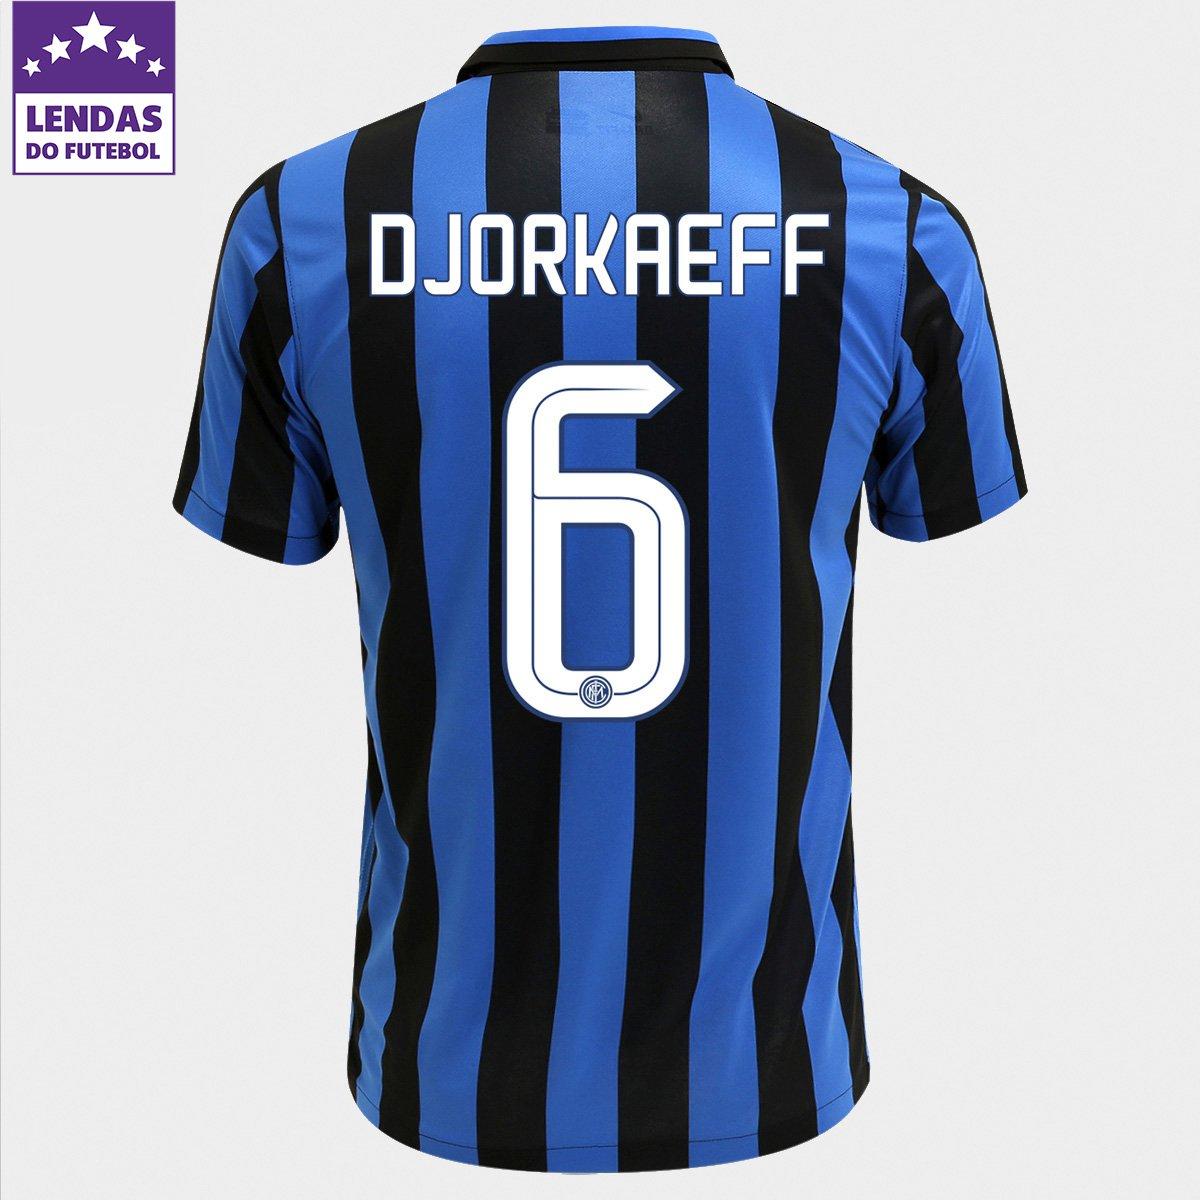 088ac7c9d2 Camisa Nike Inter de Milão Home 15 16 nº 6 - Djorkaeff - Compre Agora